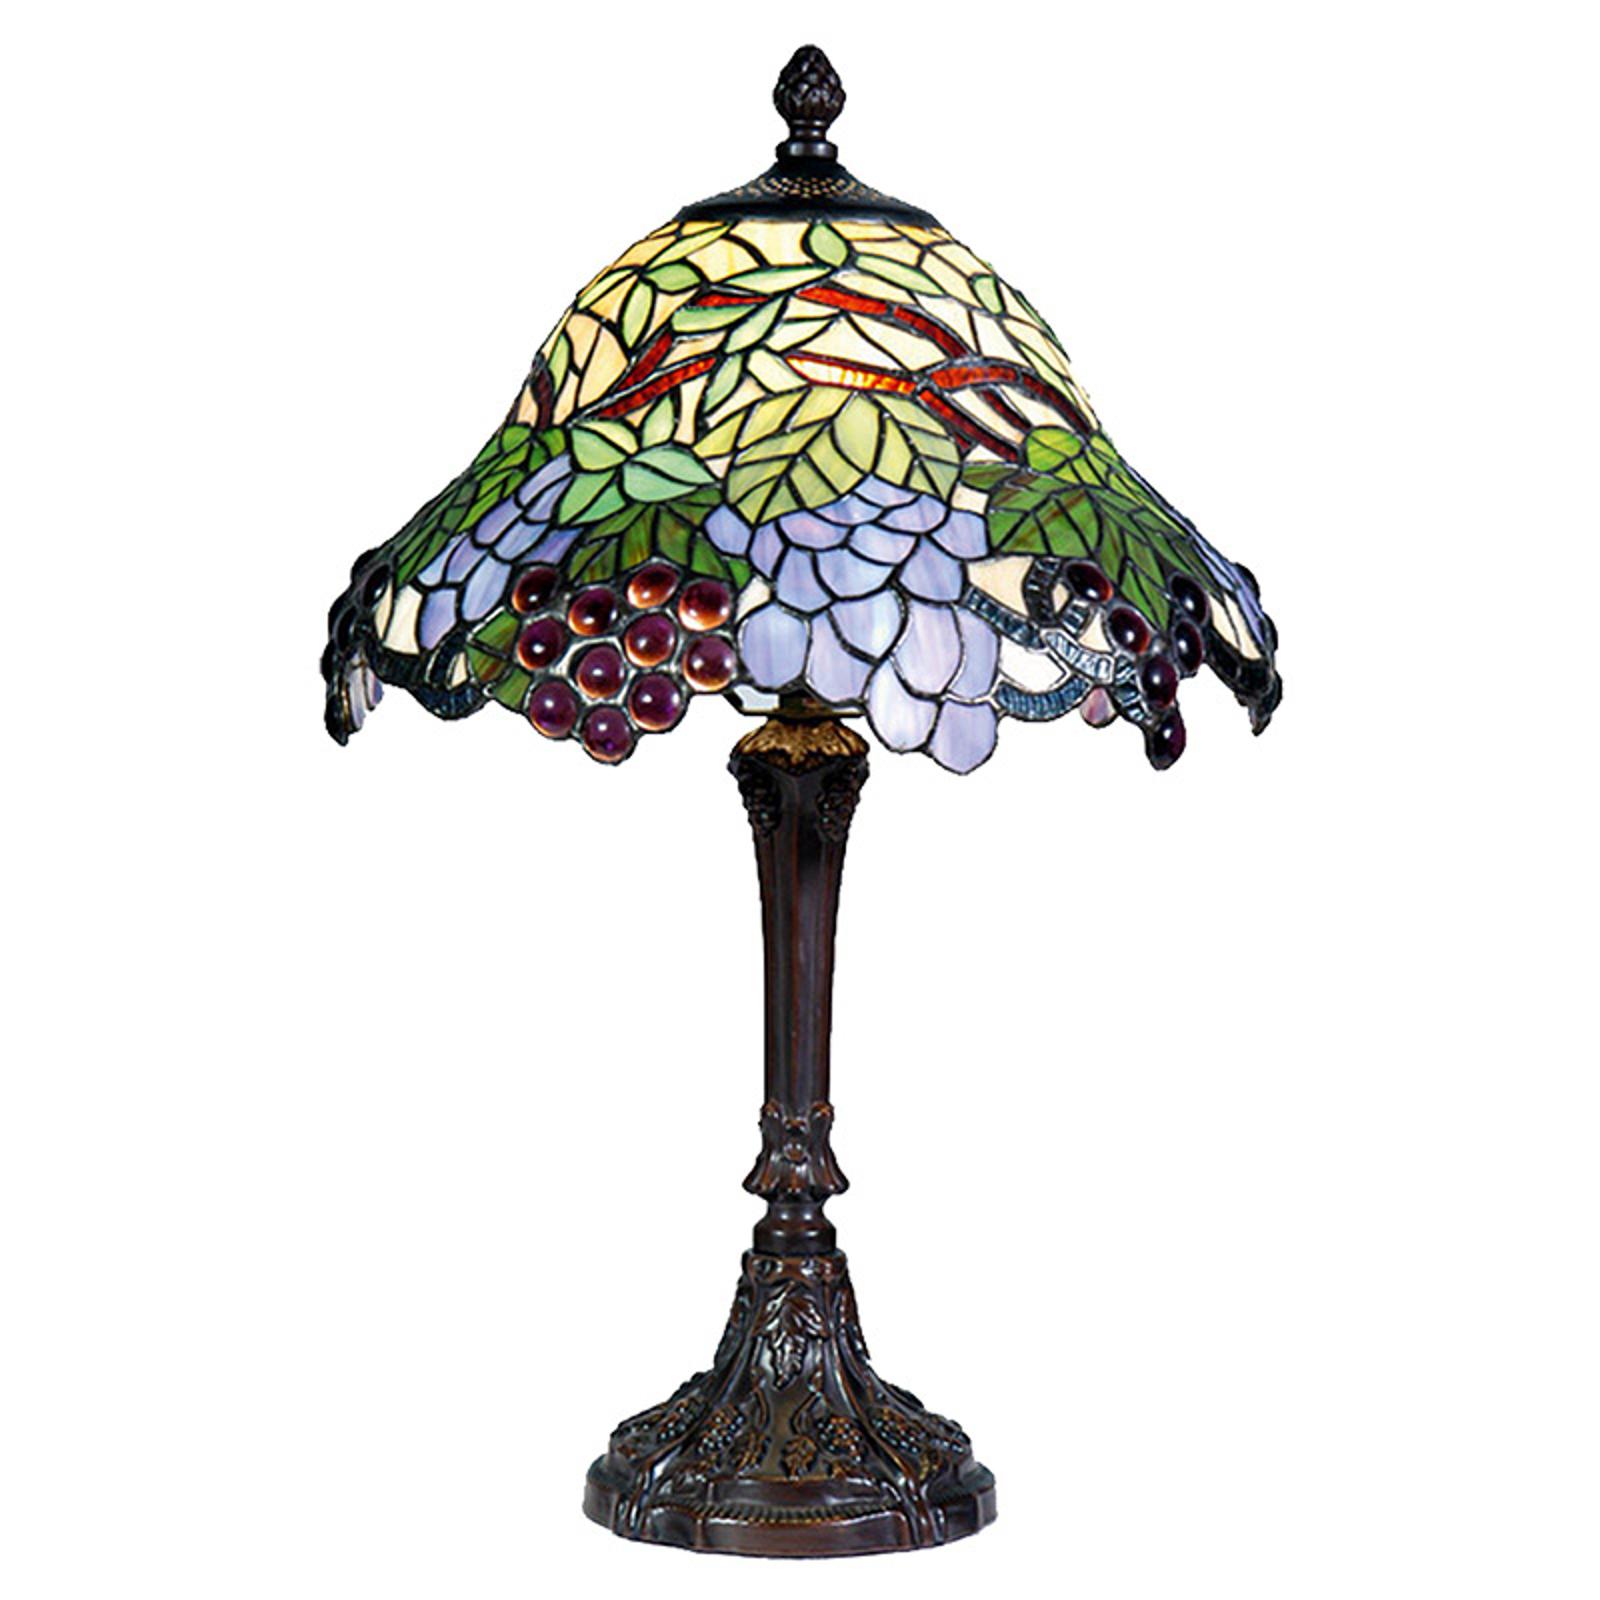 Lampe à poser colorée Lotta de style Tiffany